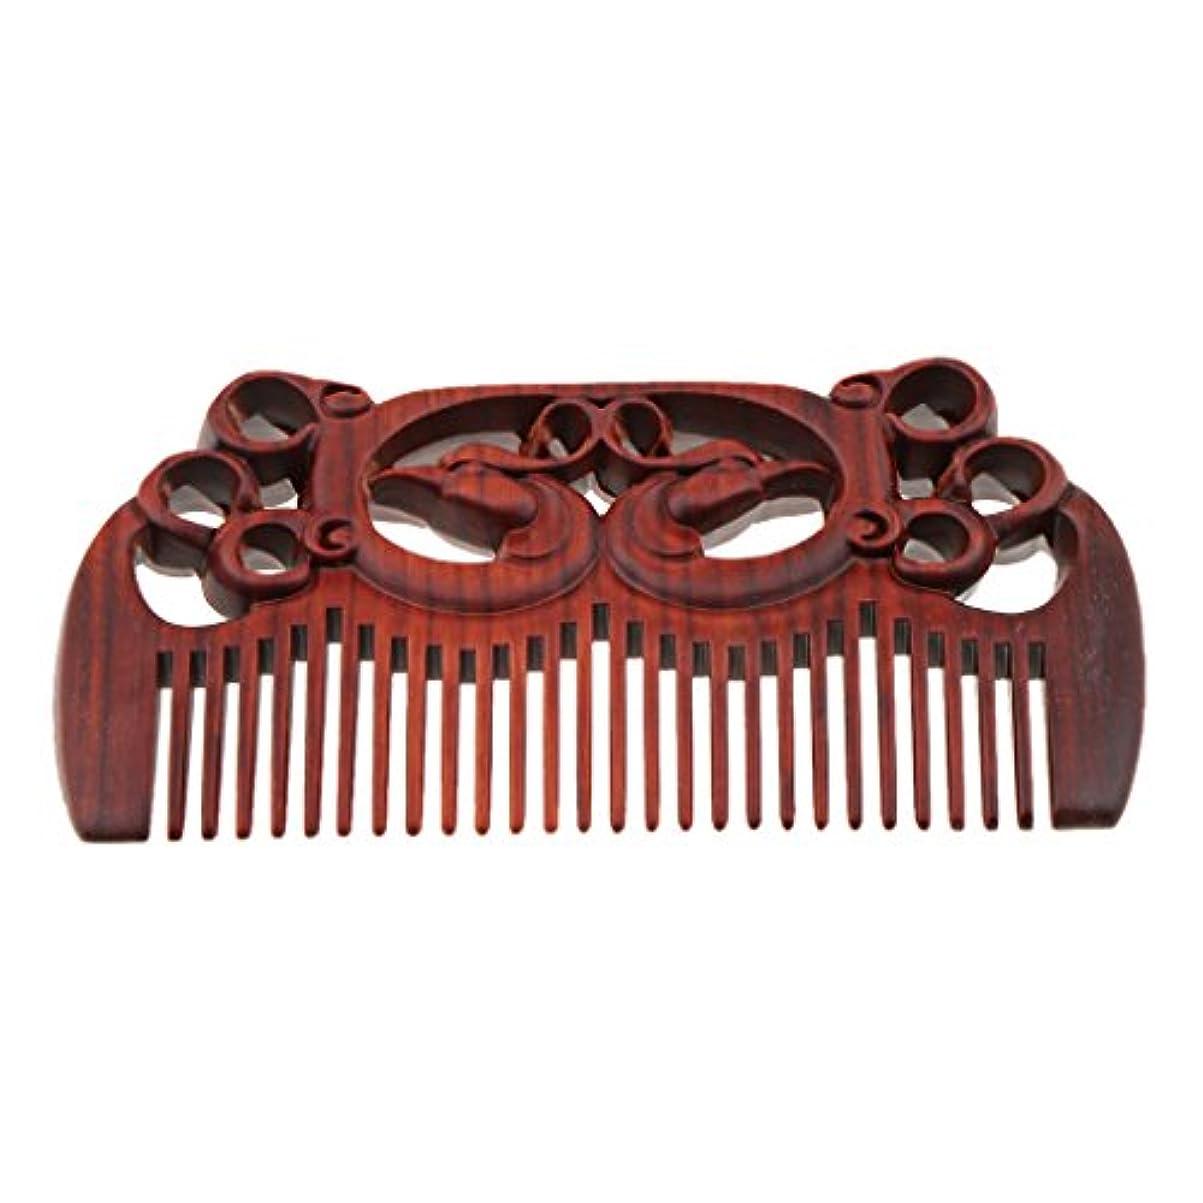 効果的に弁護士共感するT TOOYFUL 木製櫛 木製コーム ウッドコーム ワイド歯 ヘアブラシ 頭皮マッサージ 静電防止 全2種類 - #1